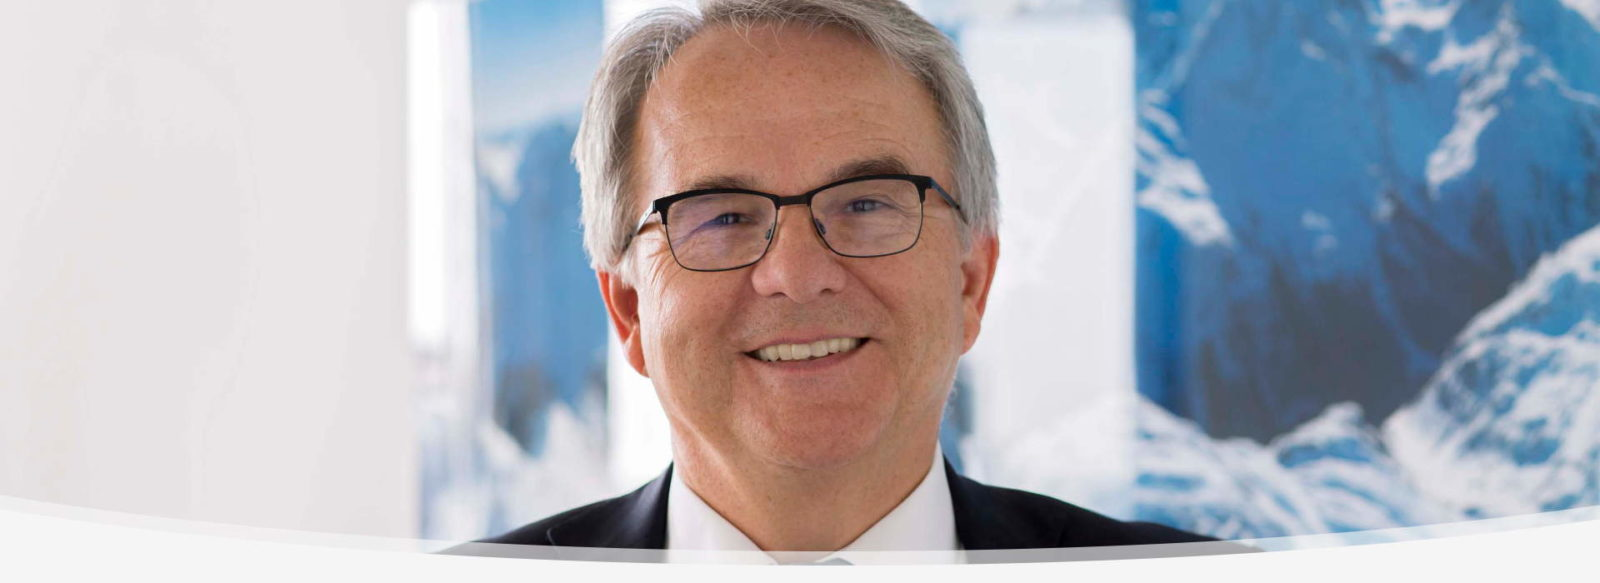 Rechtsanwalt German Braun aus München